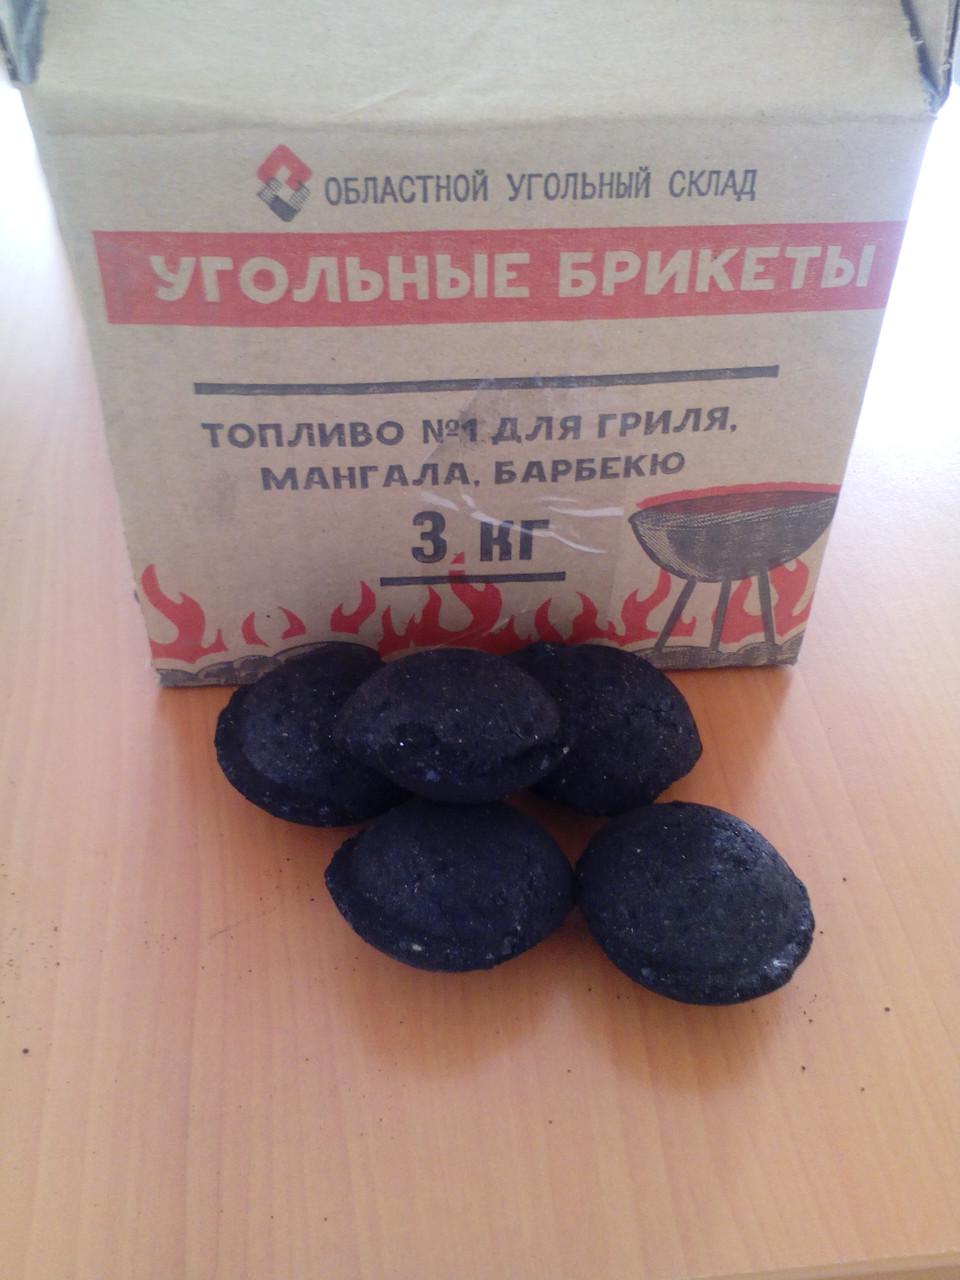 Уголь для мангала: на чём лучше жарить шашлык